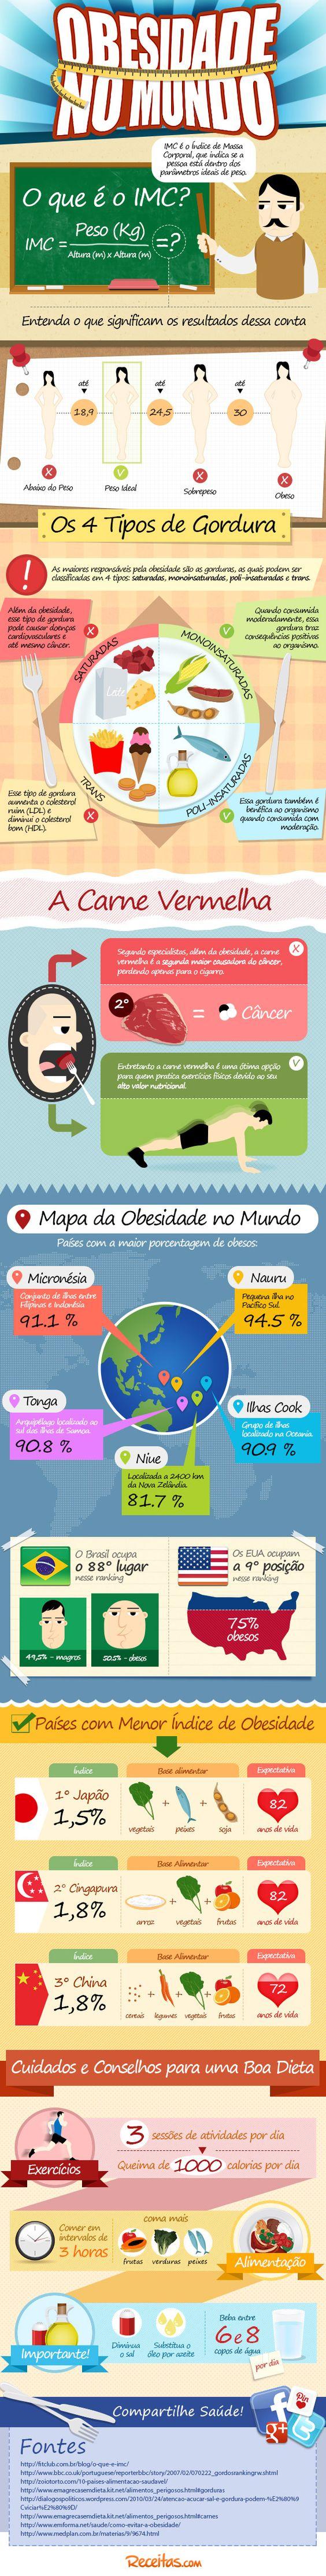 Infográfico sobre IMC